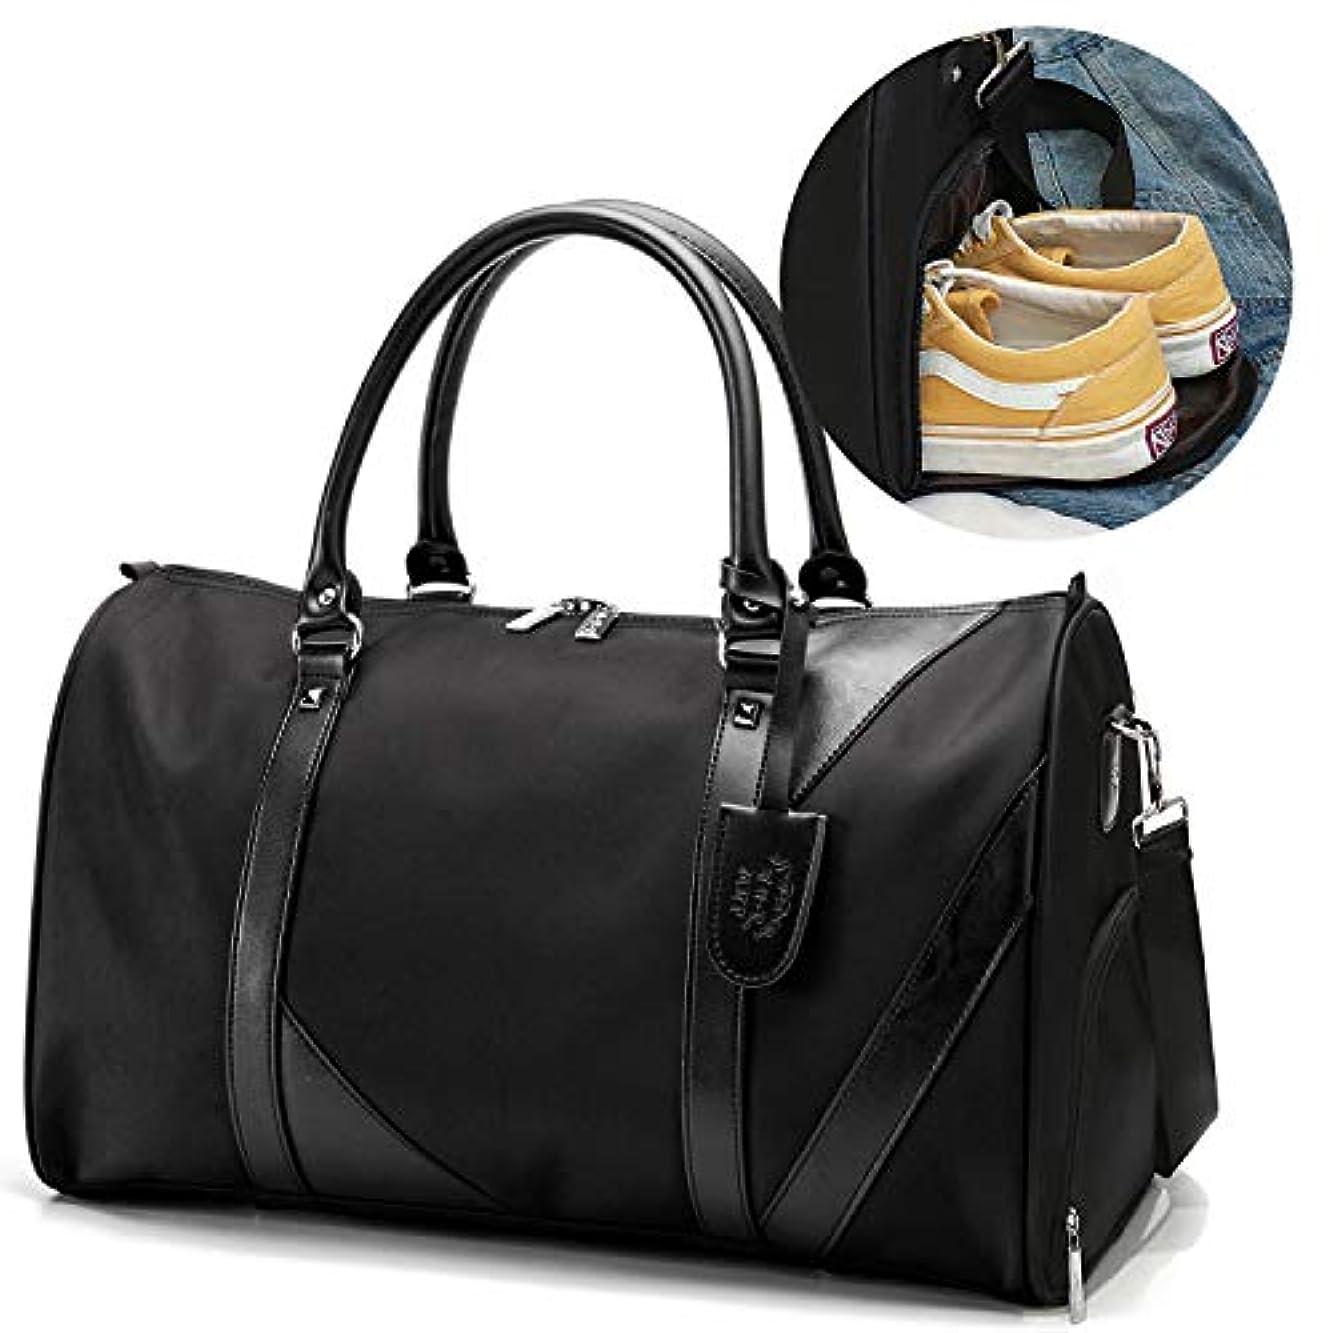 チーフ記念品果てしない[TcIFE]ボストンバッグ レディース メンズ スポーツダッフルバッグ ガーメントバッグ 大容量 修学 旅行トラベルバッグ シューズ収納バッグ